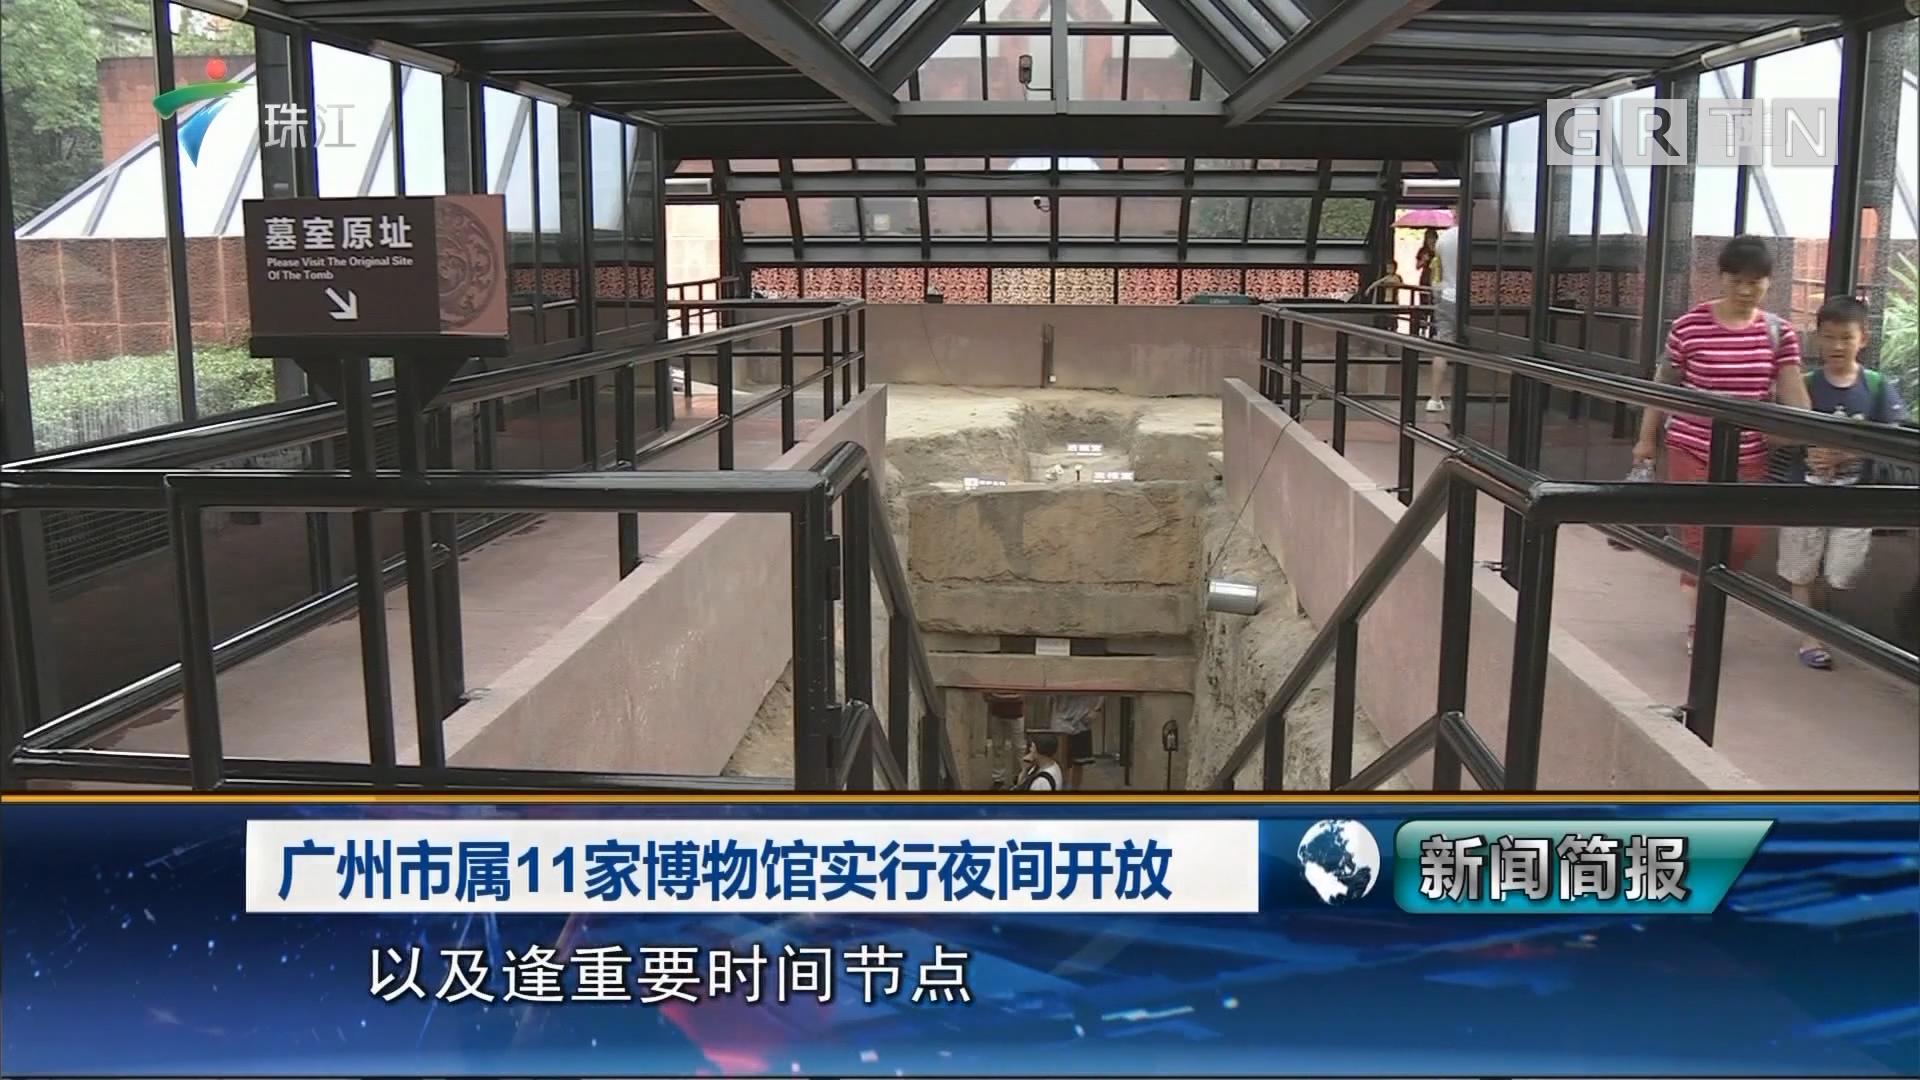 广州市属11家博物馆实行夜间开放